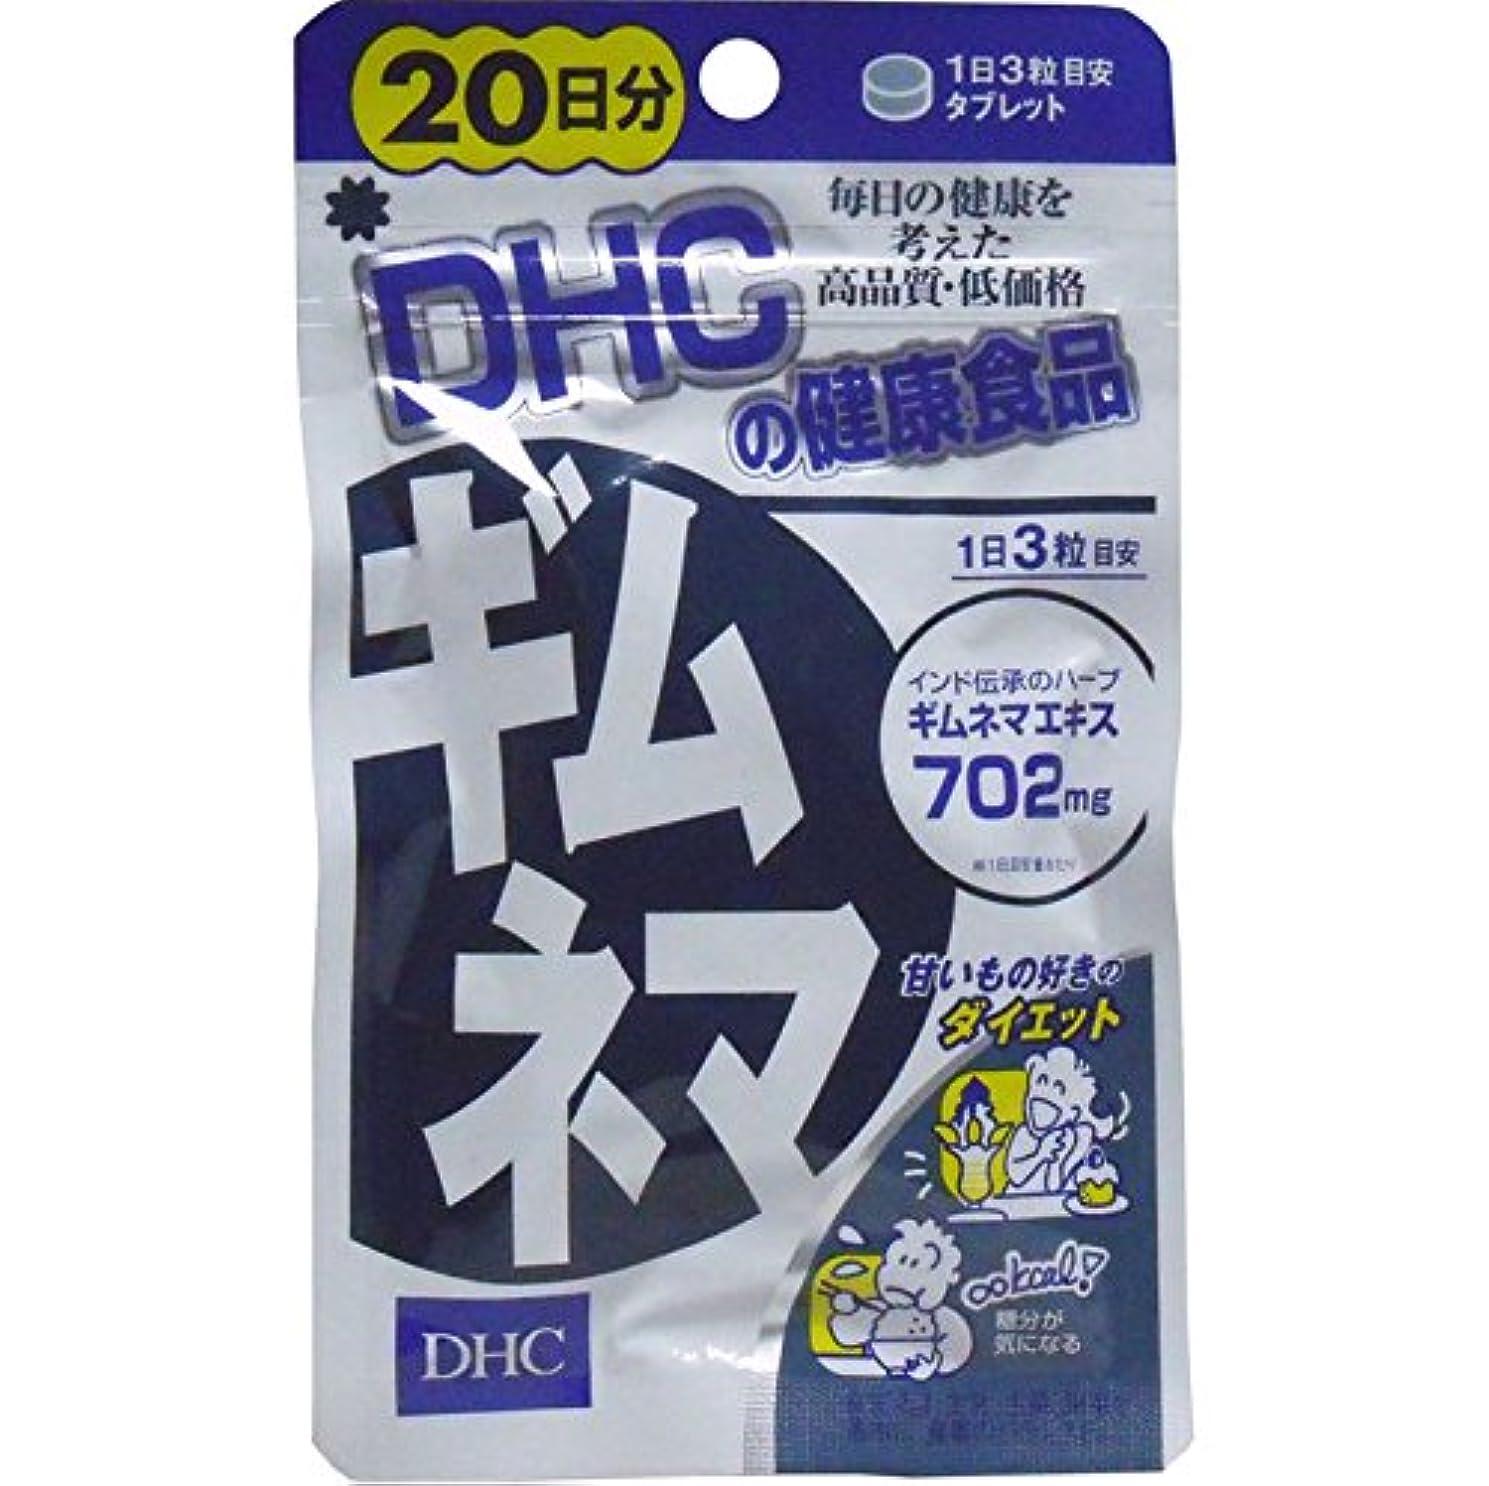 シャンプーとティームショット余分な糖分をブロック DHC ギムネマ 20日分 60粒